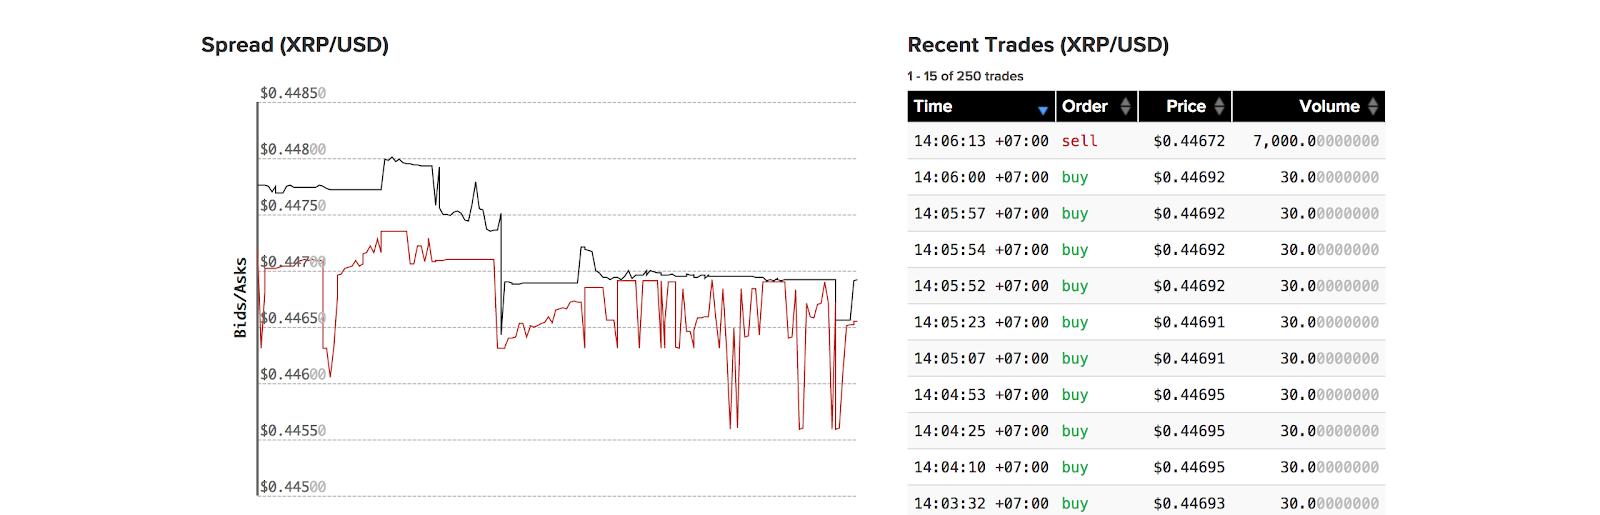 augstākais kriptovalūtu tirdzniecības kurss 1 min bināro opciju ceļvedis kā tirgot bitumenu pret gumiju